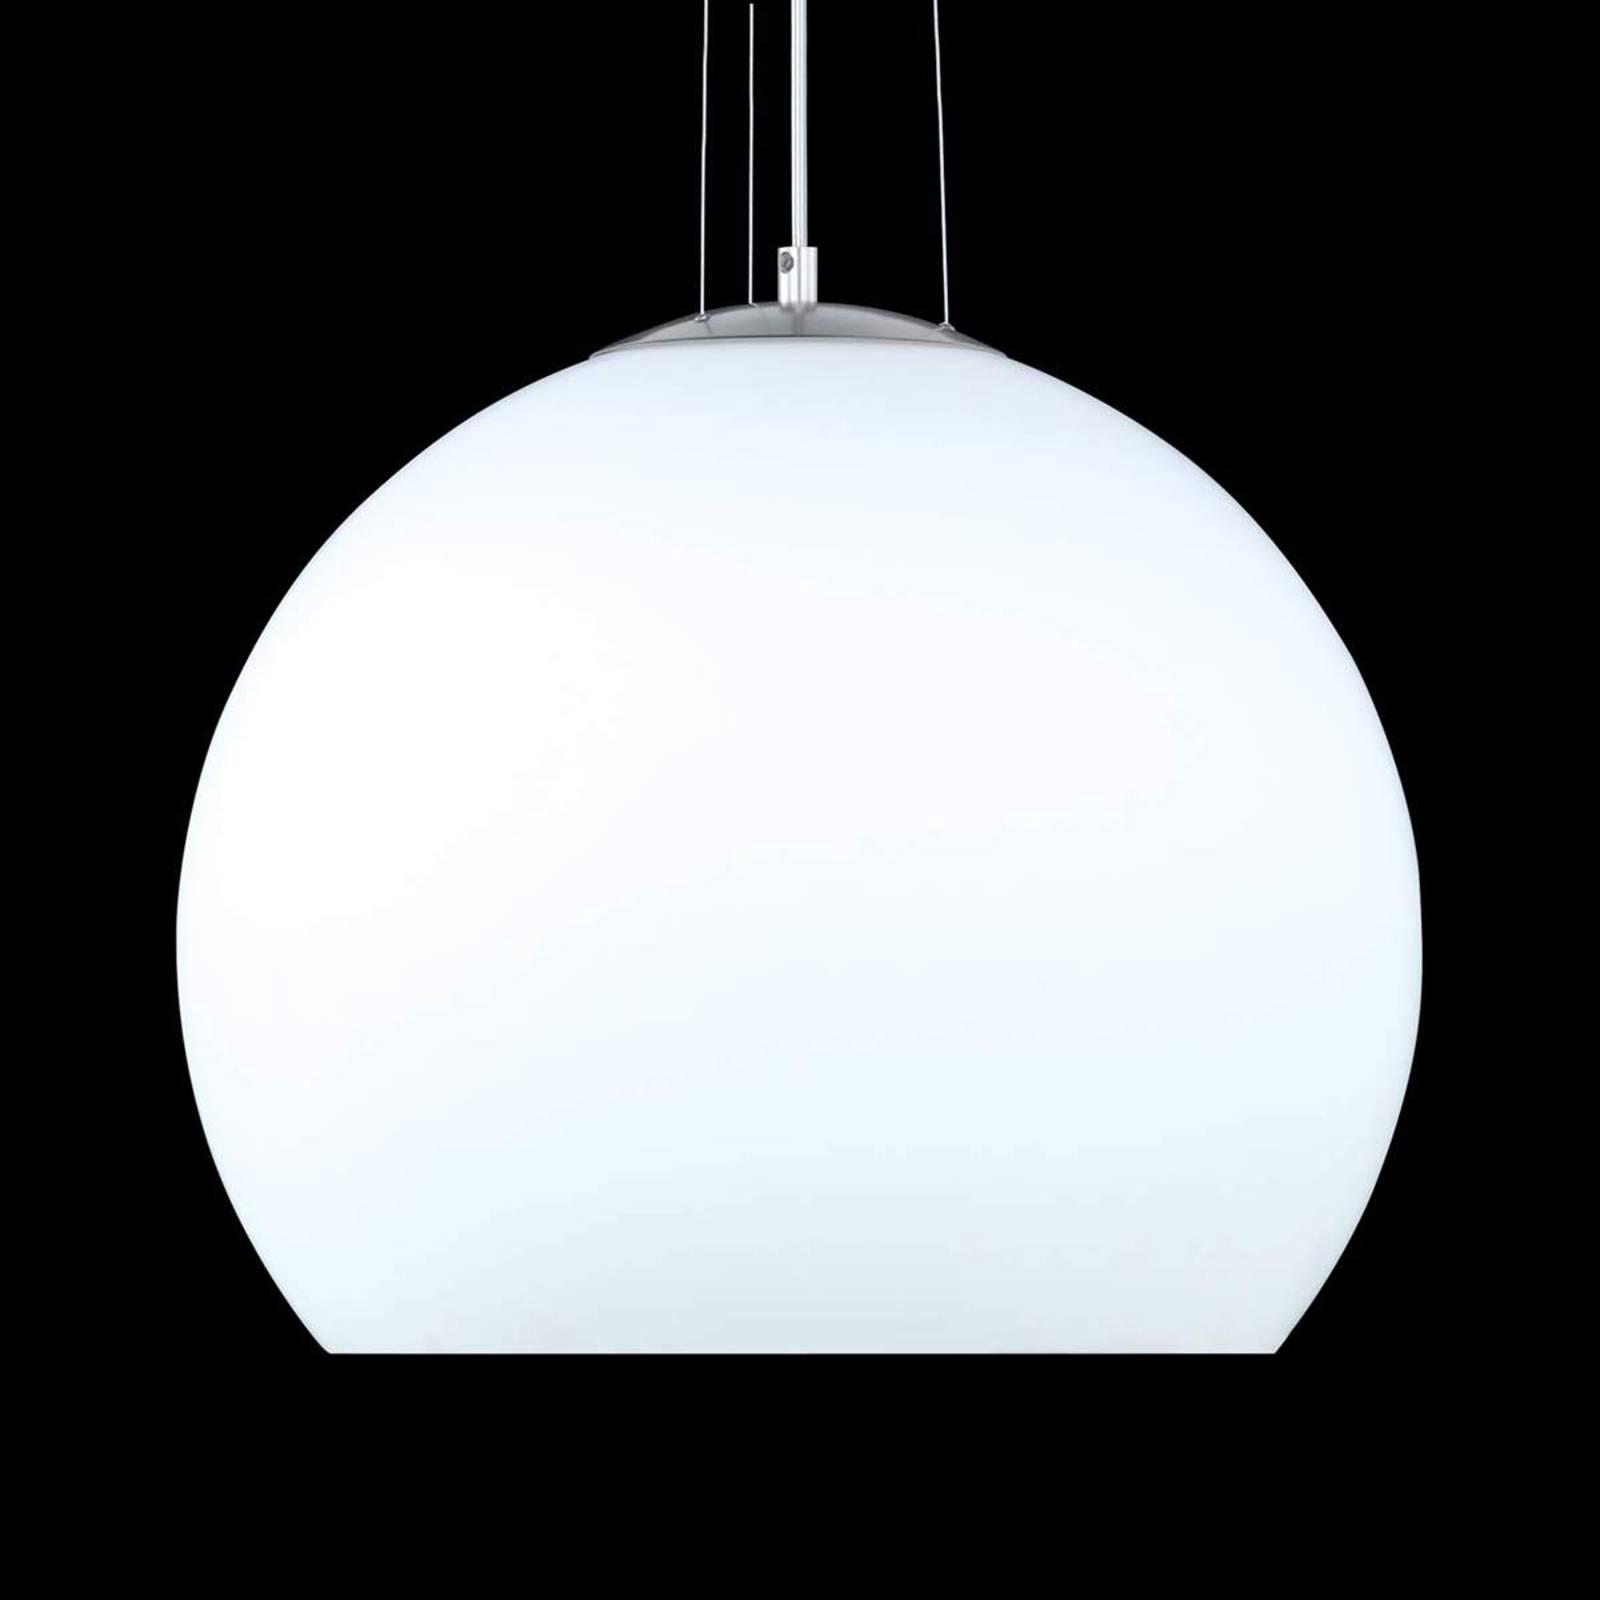 Jednopunktowa lampa wisząca BOLERO